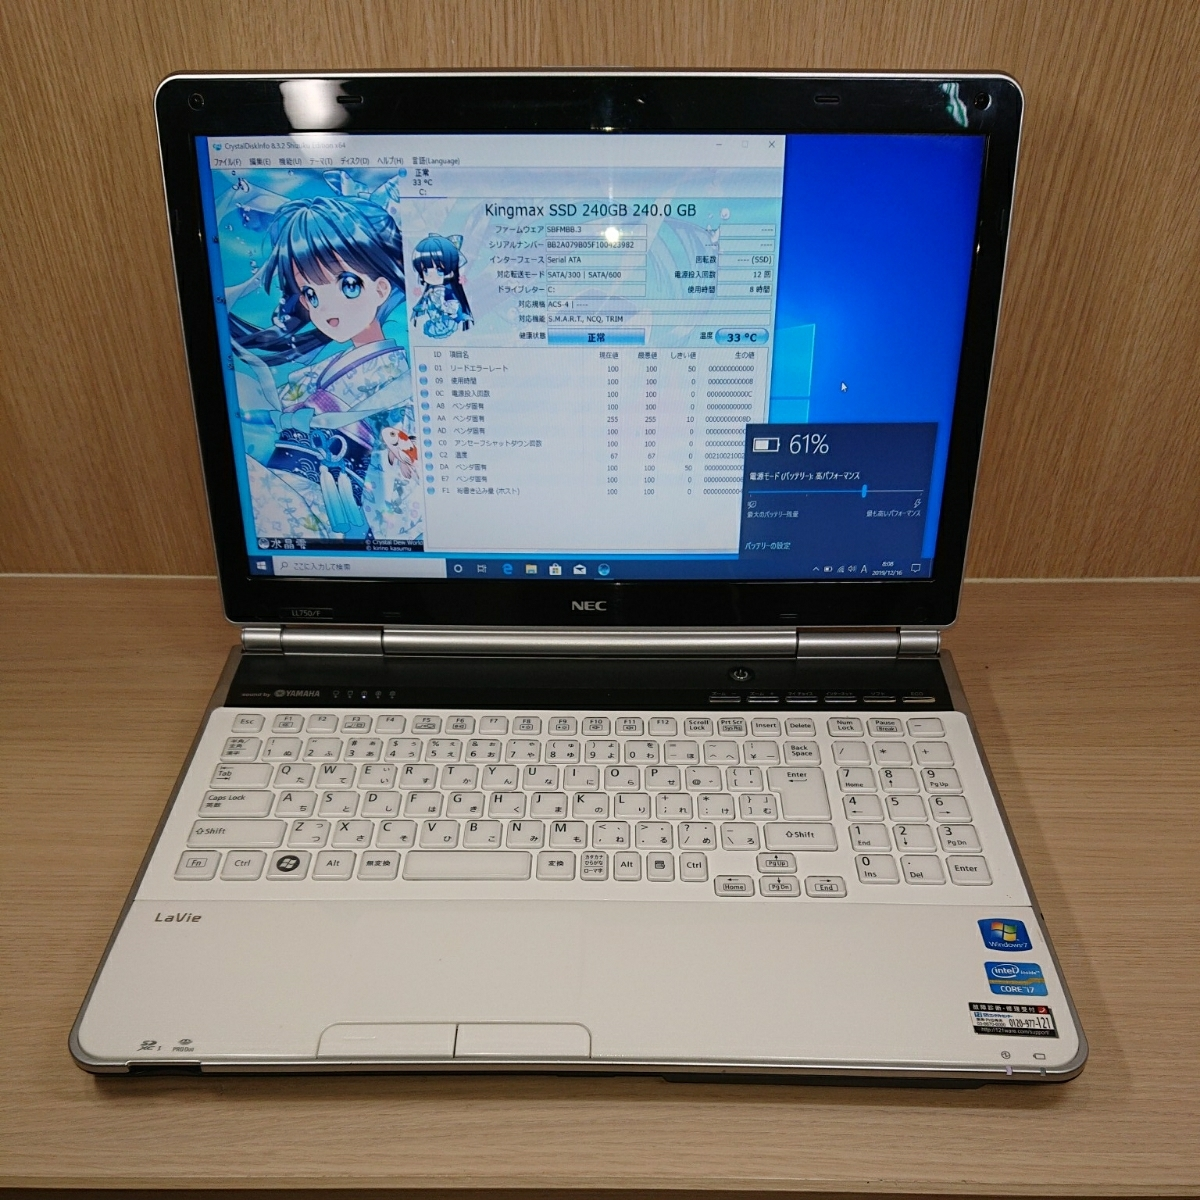 【B26】即決特典 爆速SSD240GB NEC LaVie LL750 ホワイト YAMAHAsound ノートパソコン core i7-2670QM メモリ8GB Windows10 Office2019 _画像2